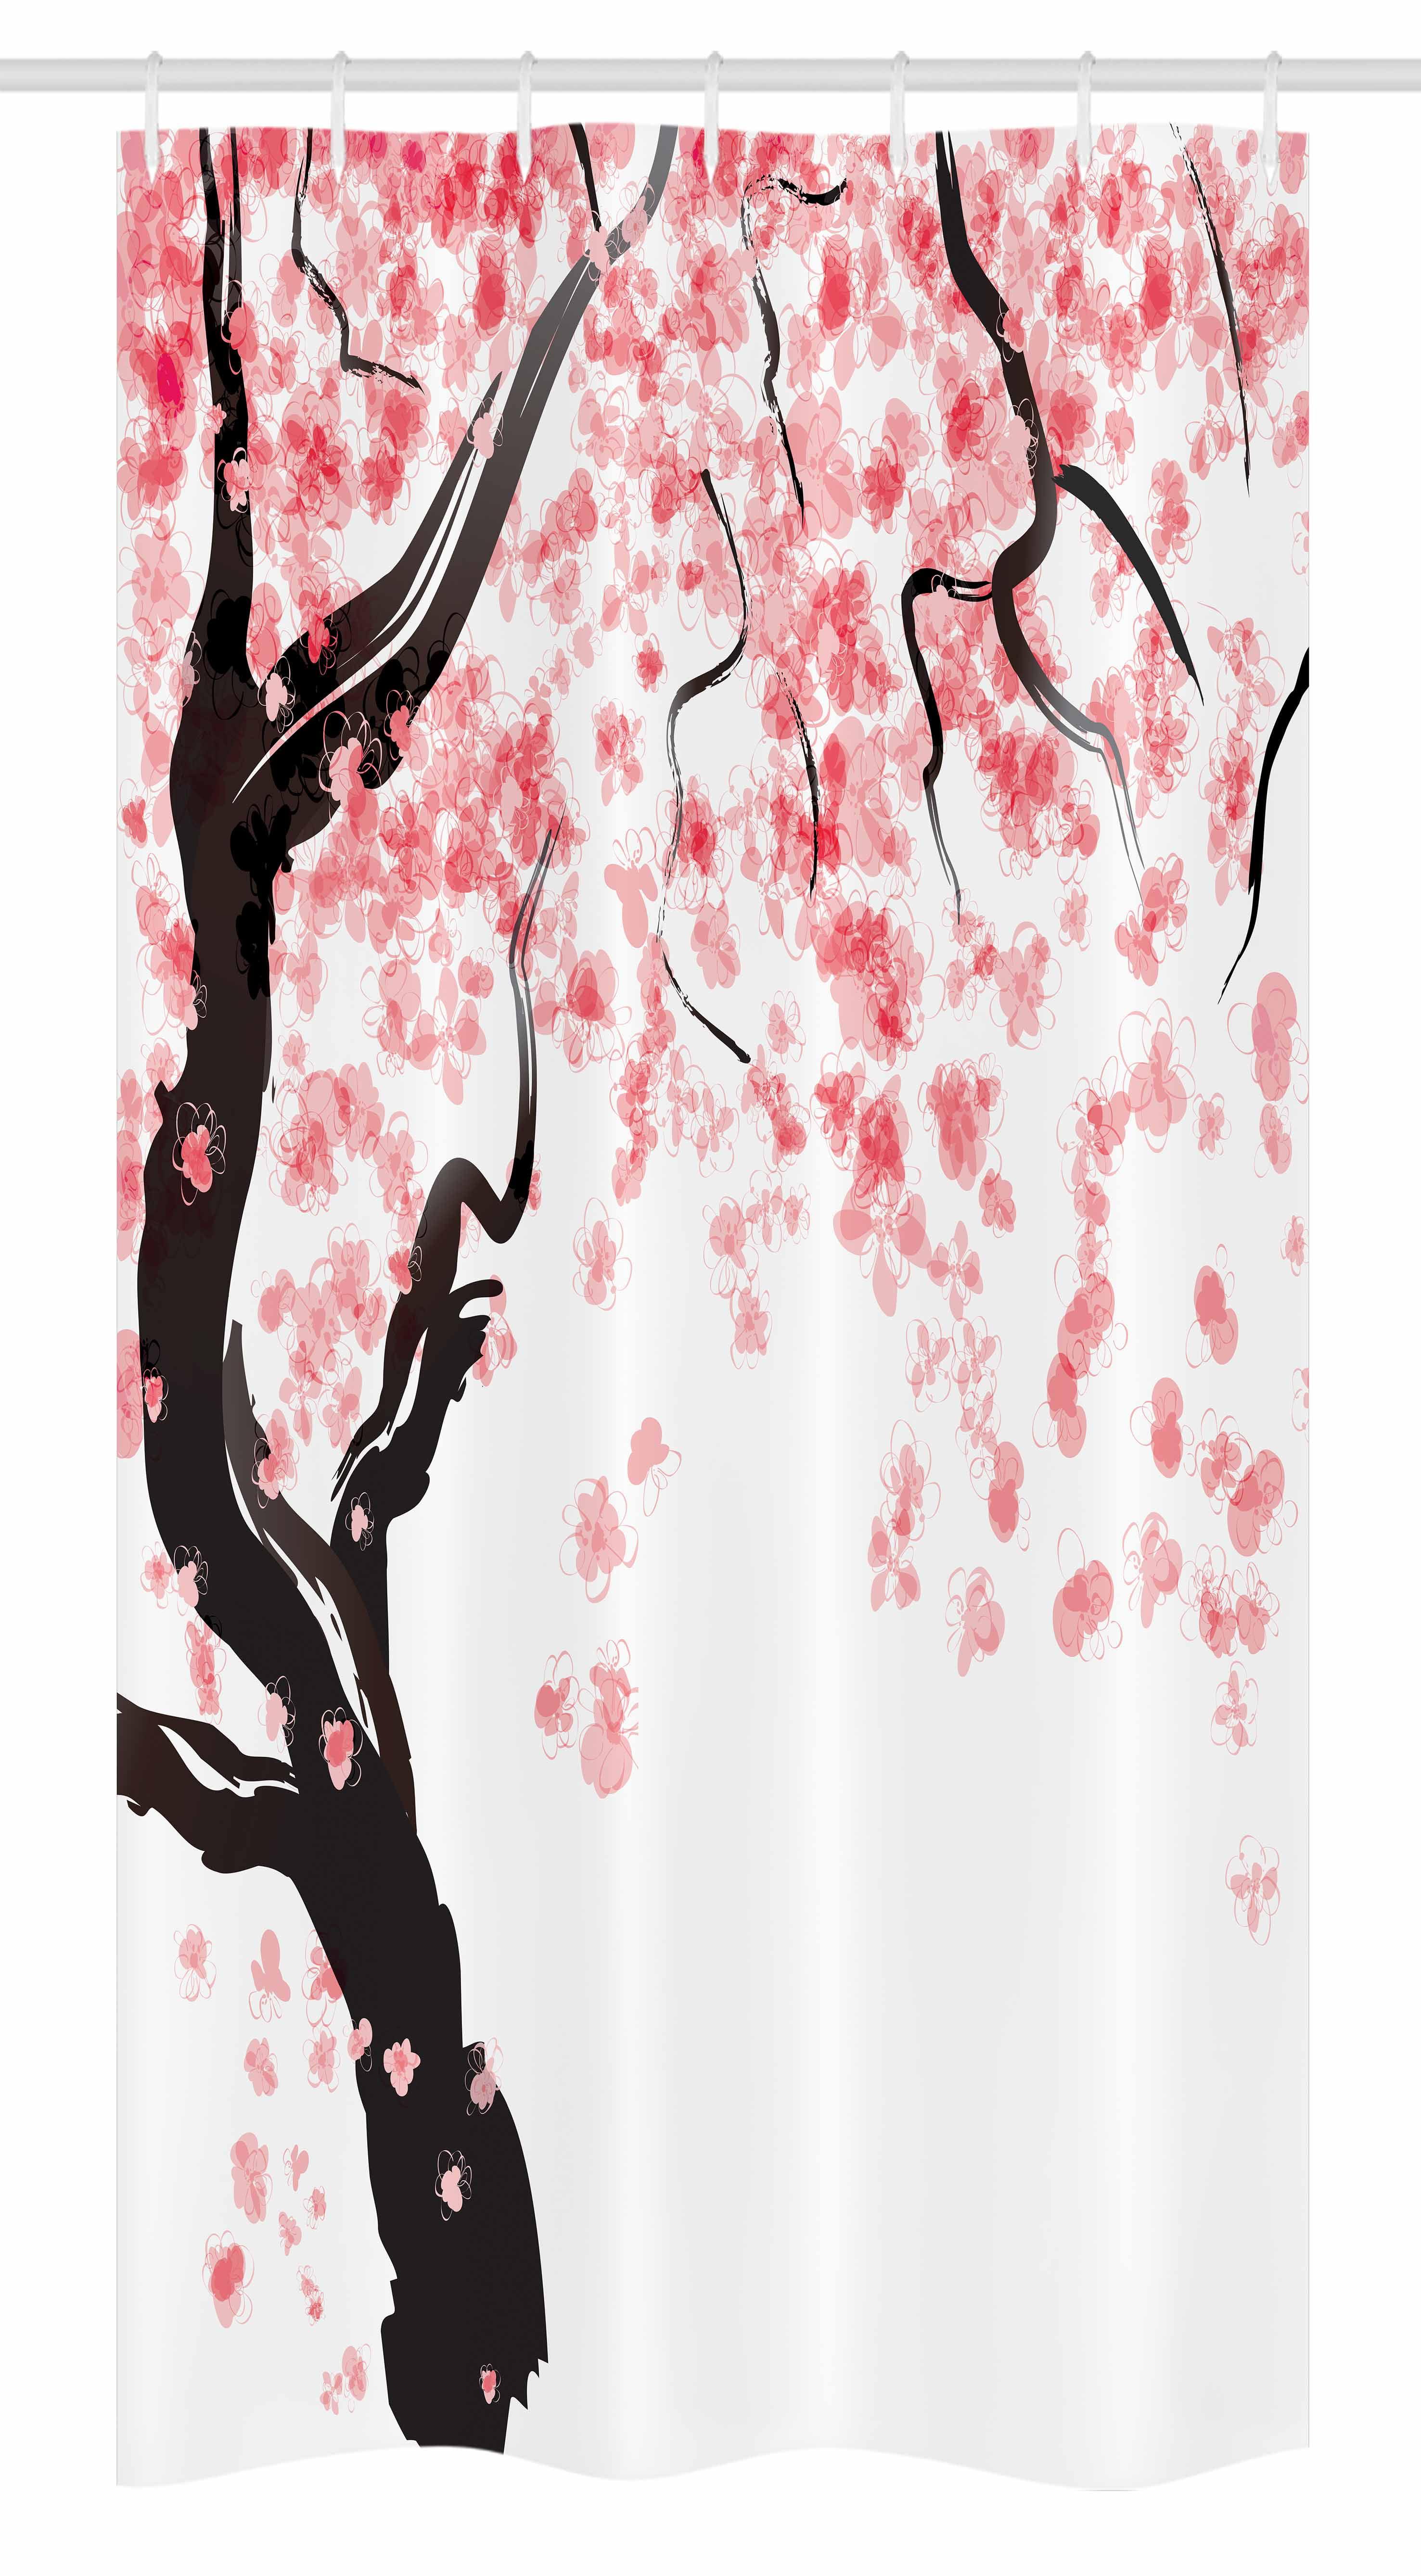 Cherry Blossom Flower Image Design Portable Handbag Hanger